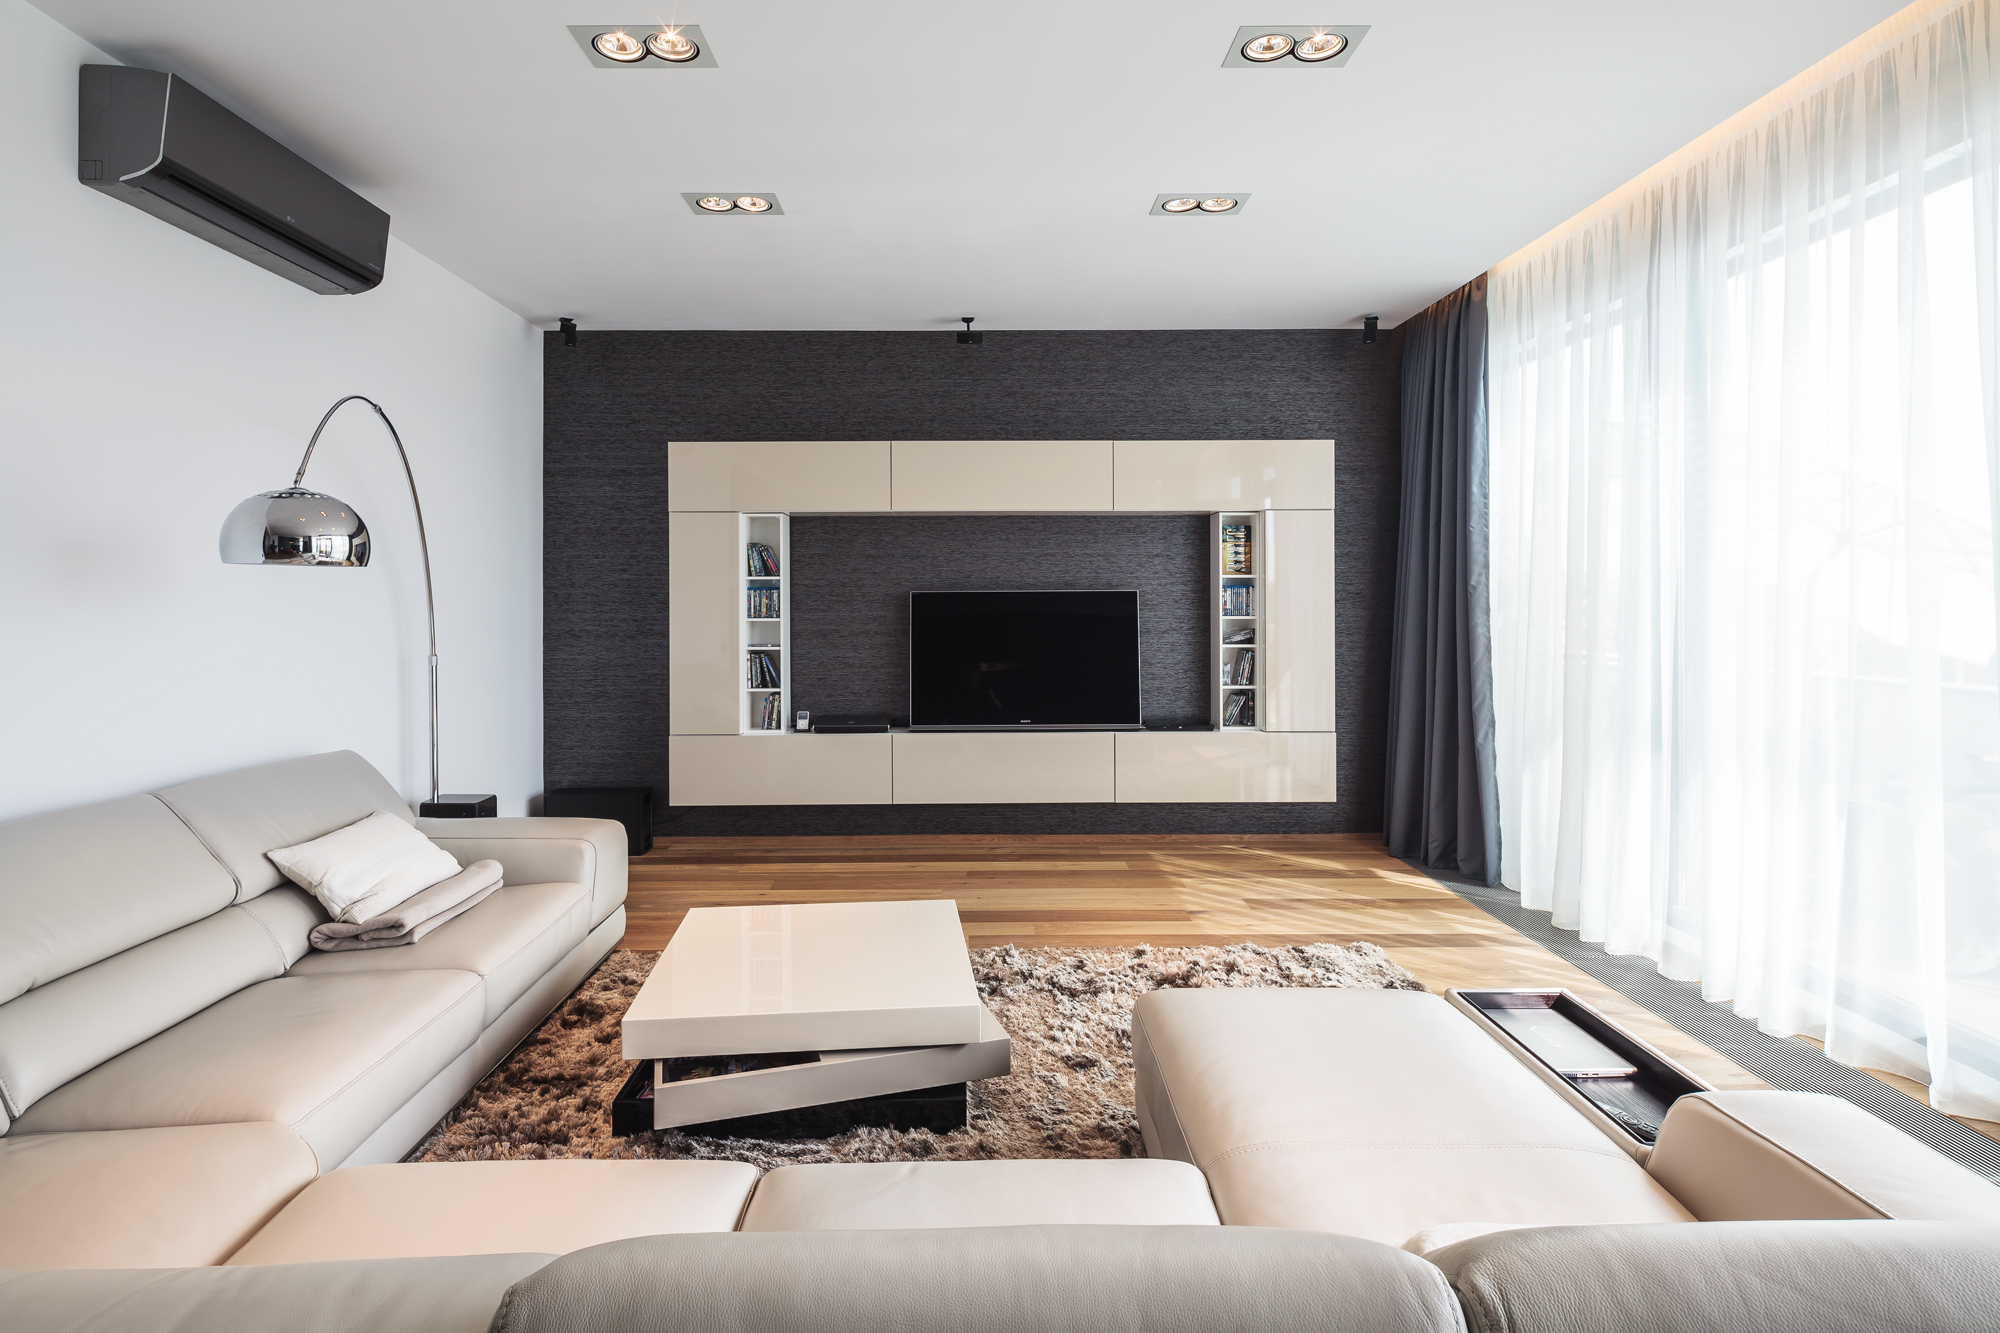 Современный дизайн интерьеров квартир